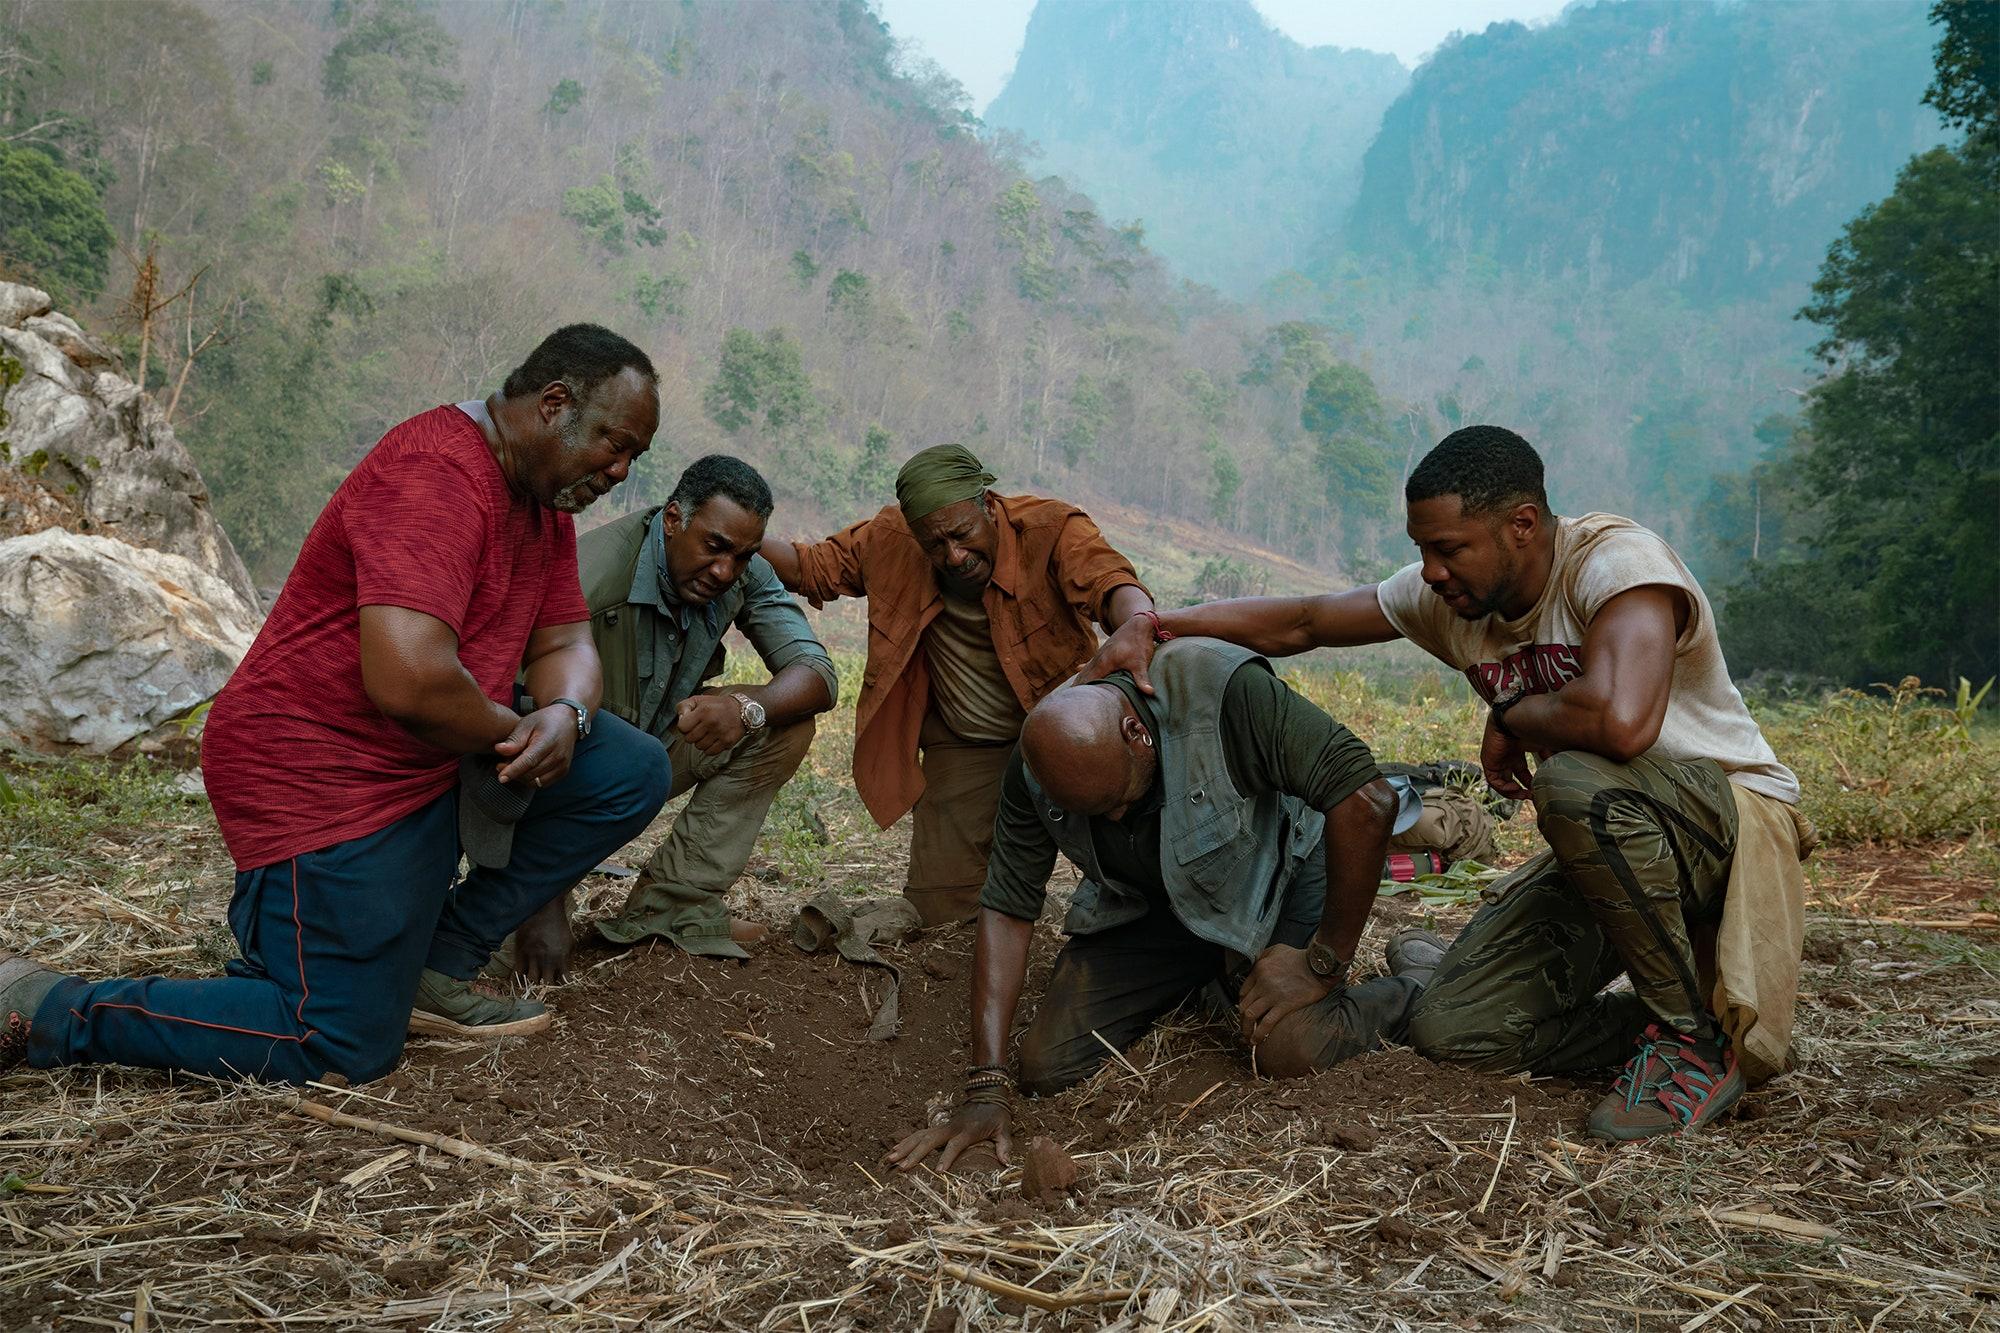 Pięciu braci - zwiastun filmu Netflixa. Spike Lee o skarbie i wojnie w Wietnamie